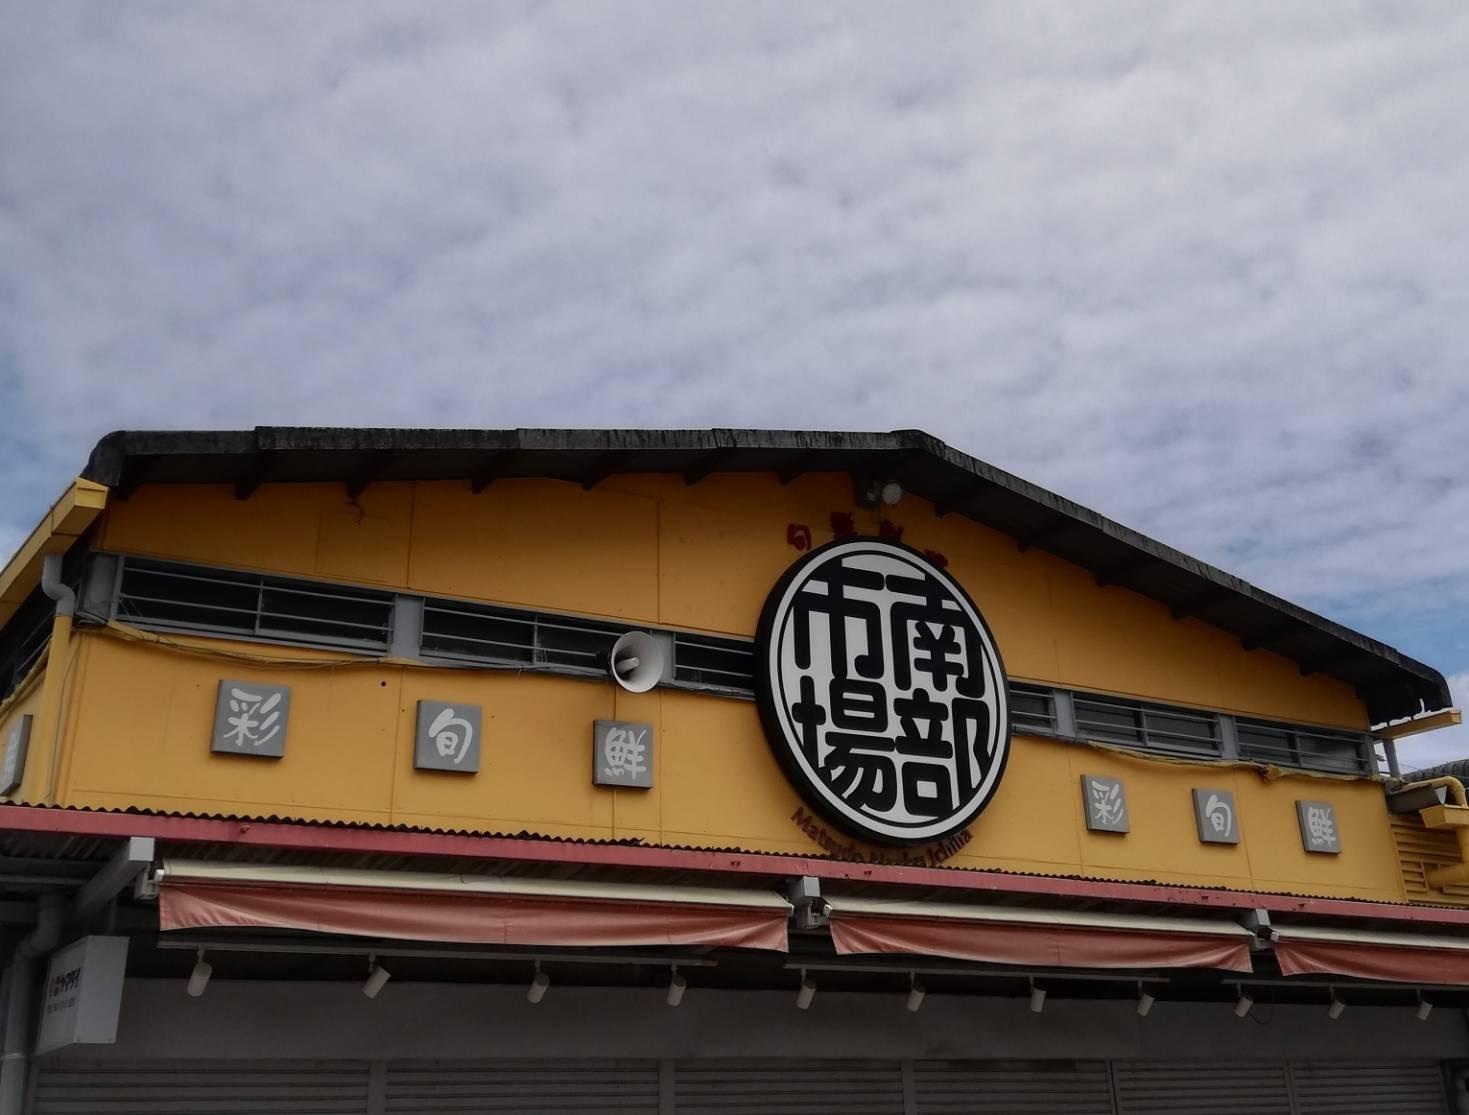 松戸南部市場テレビ放送日本テレビevery